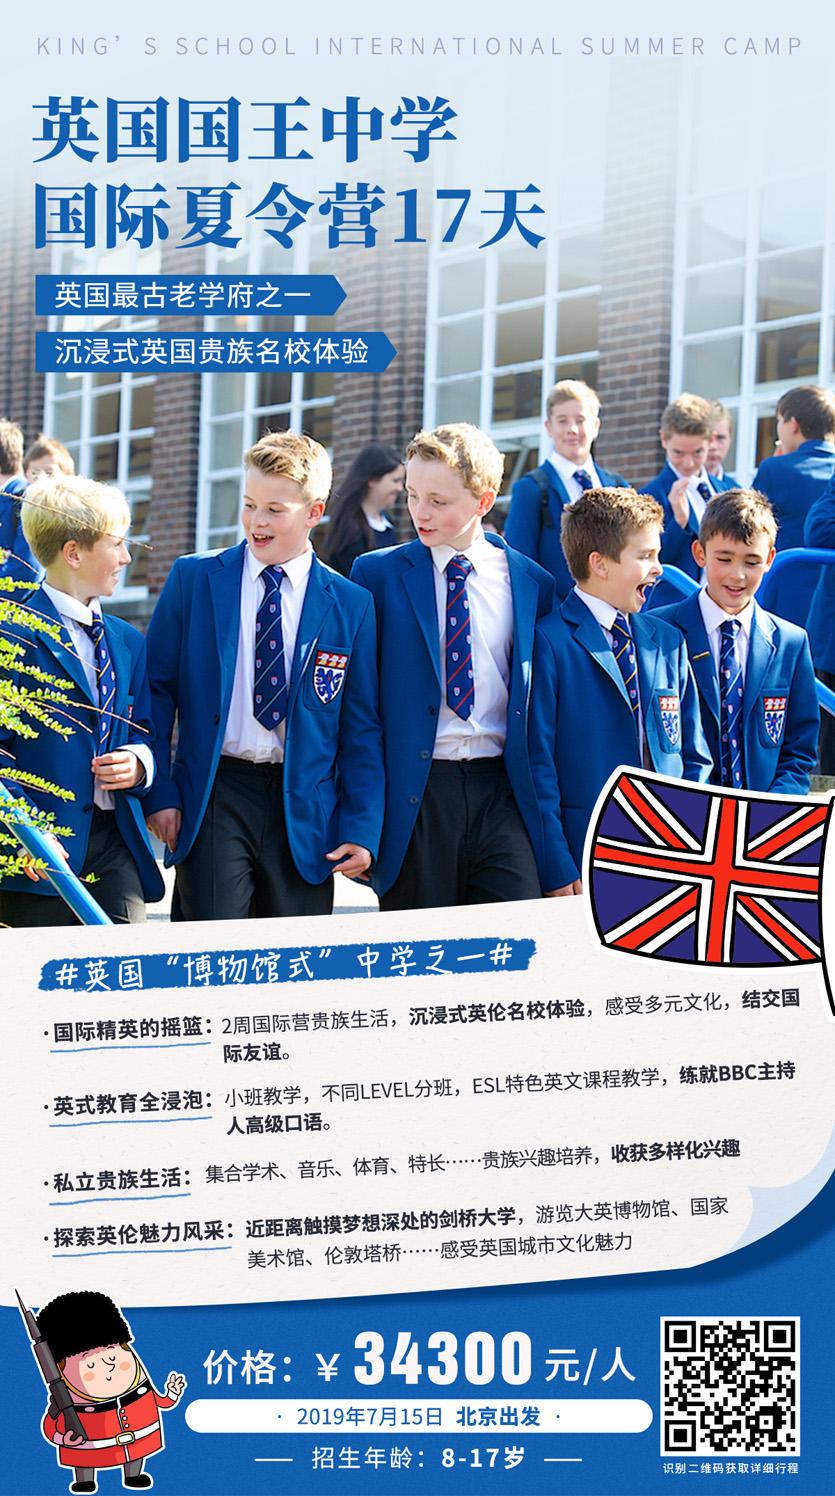 5 英国国王中学国际夏令营17天 7.15出发 副本